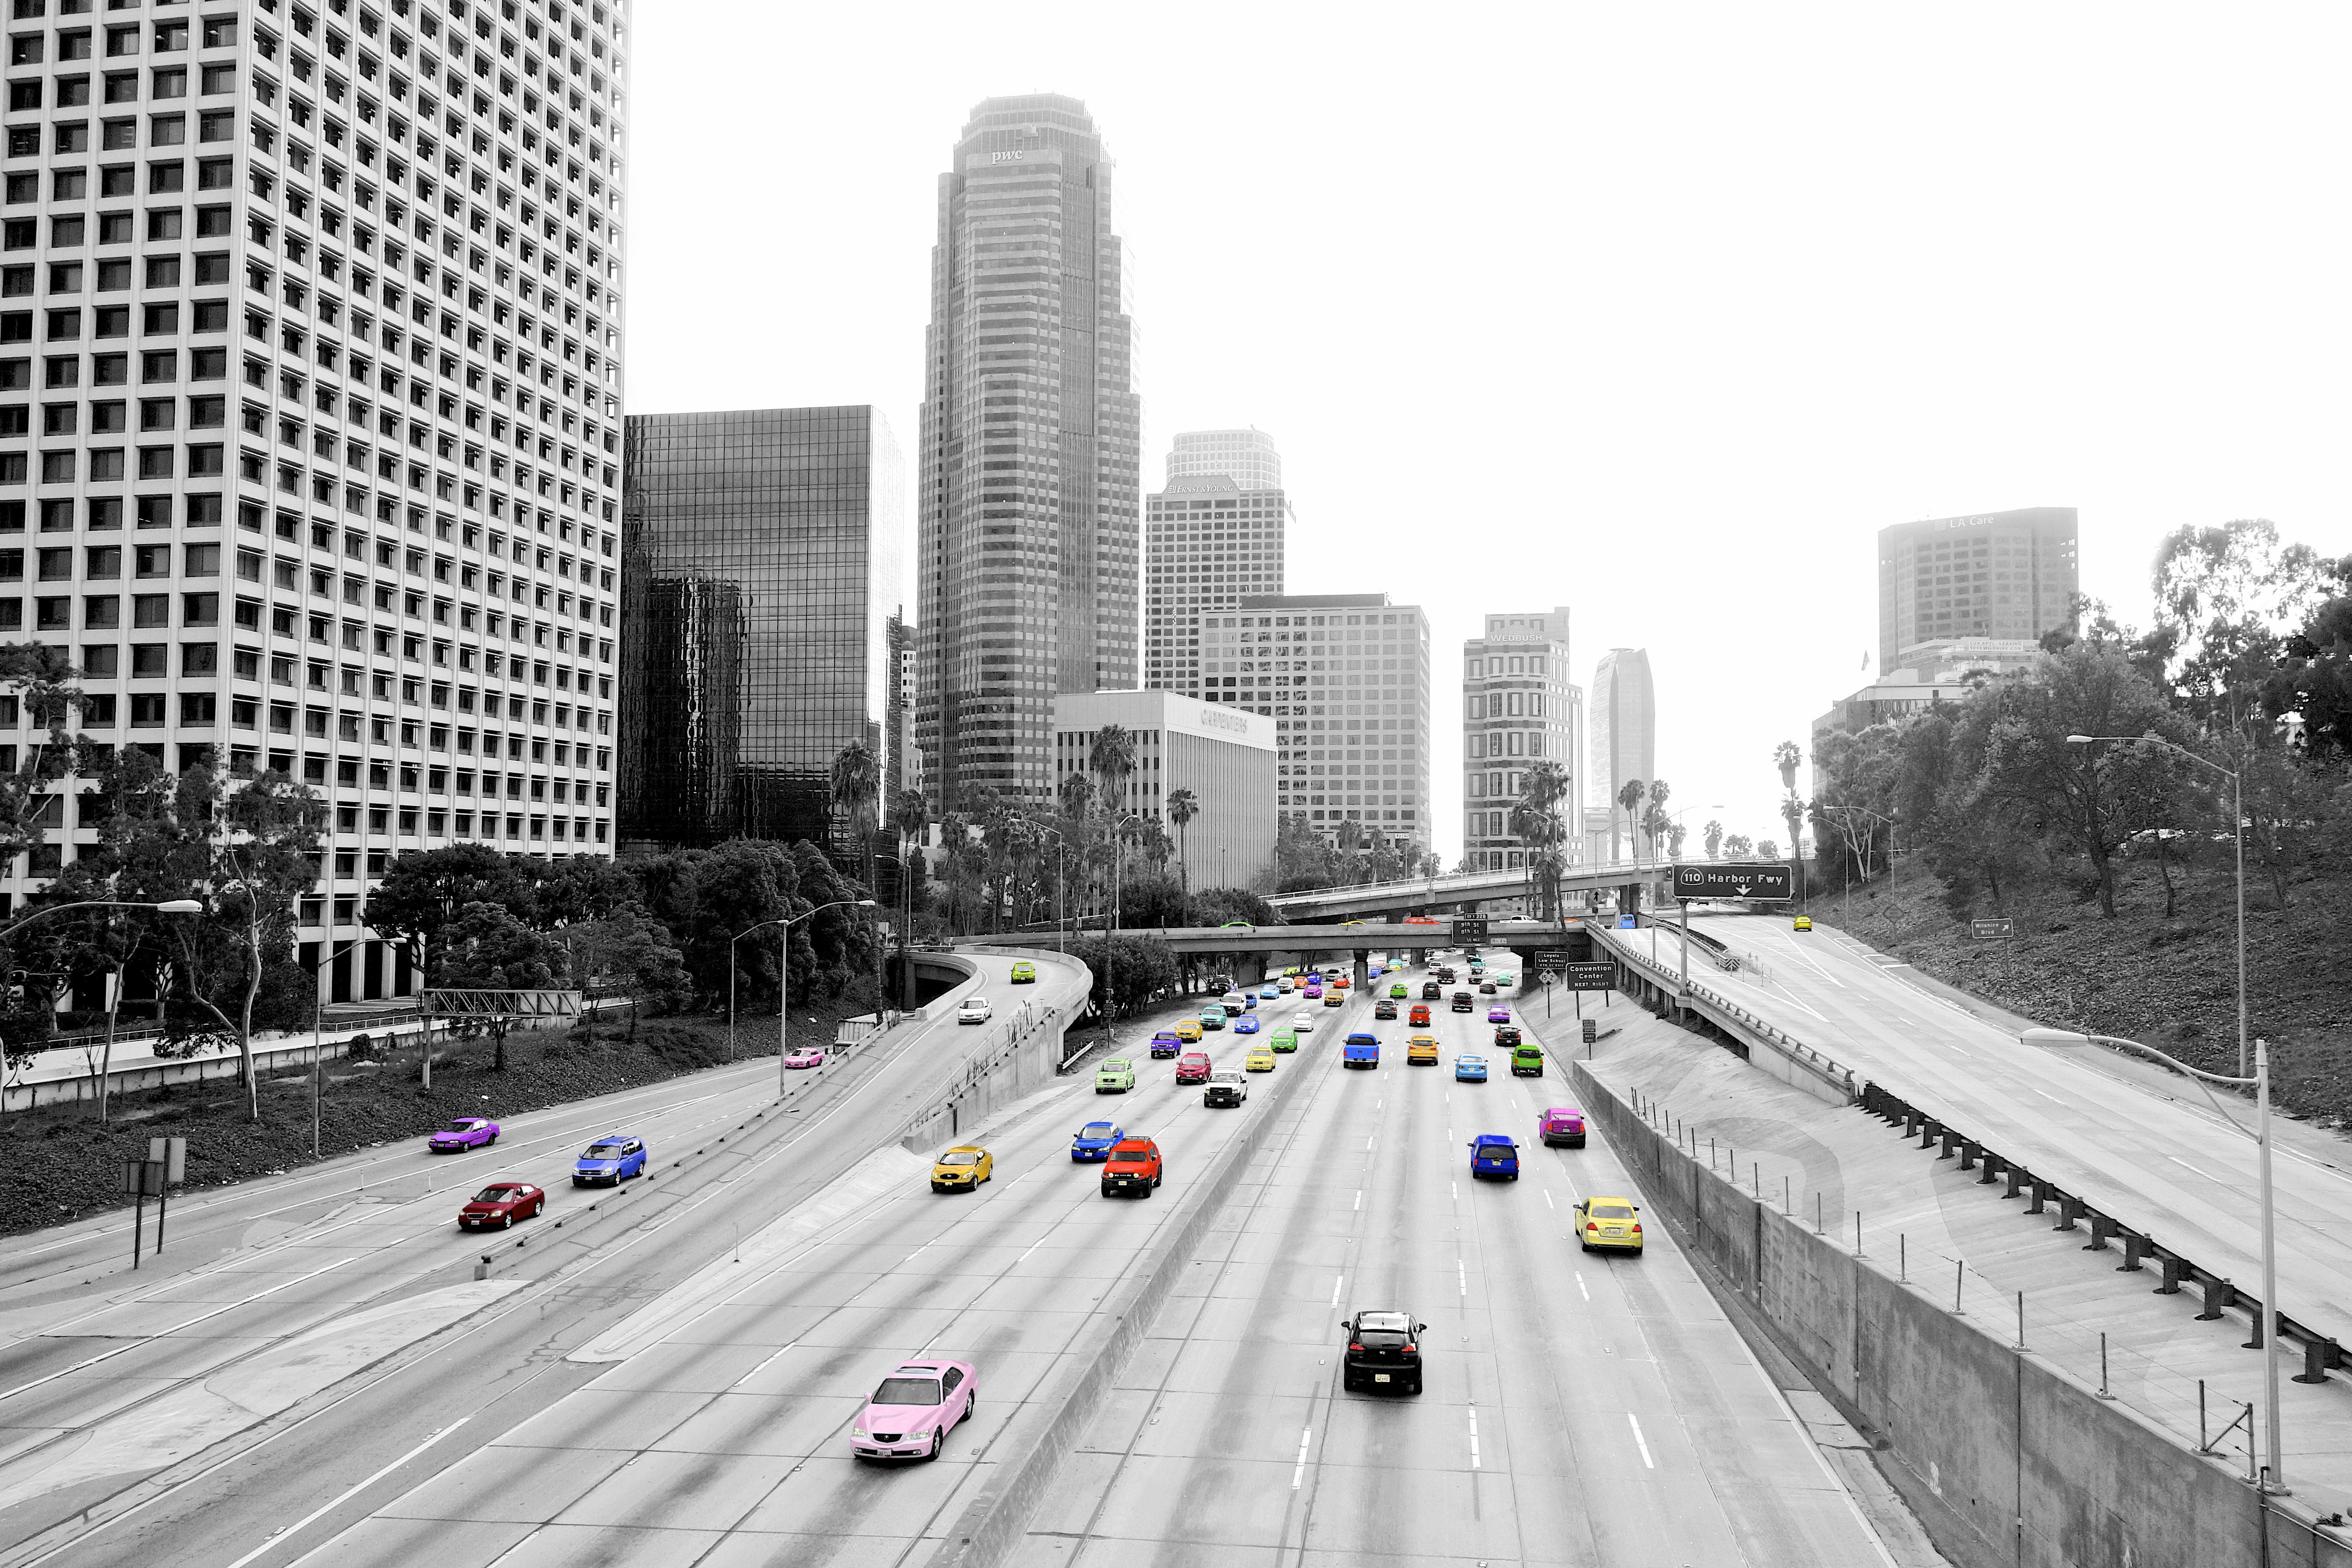 Los Angeles, California 2017